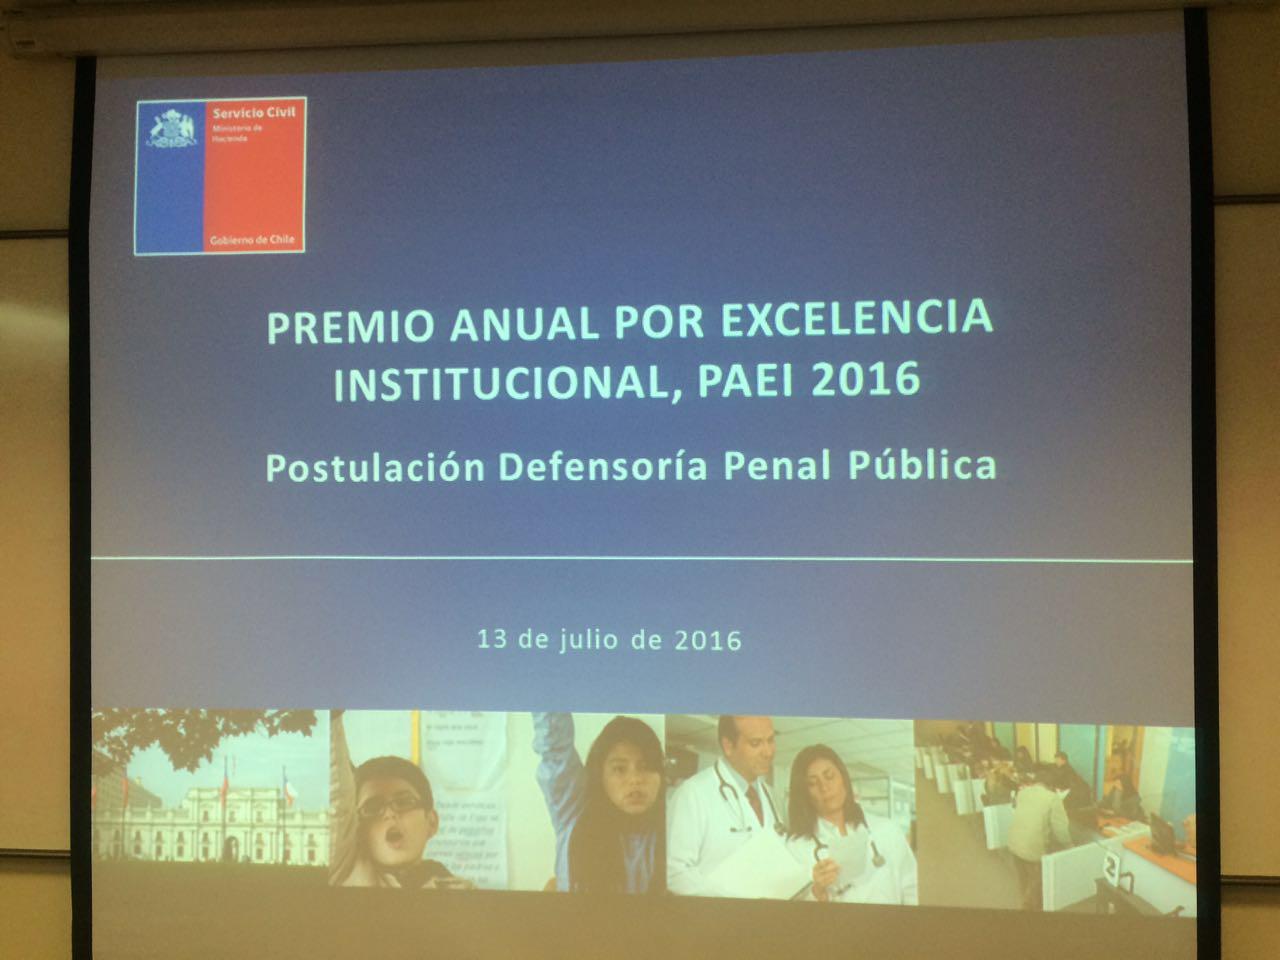 AFUDEP con Servicio Civil por Premio Anual de Excelencia - 13 Julio 2016